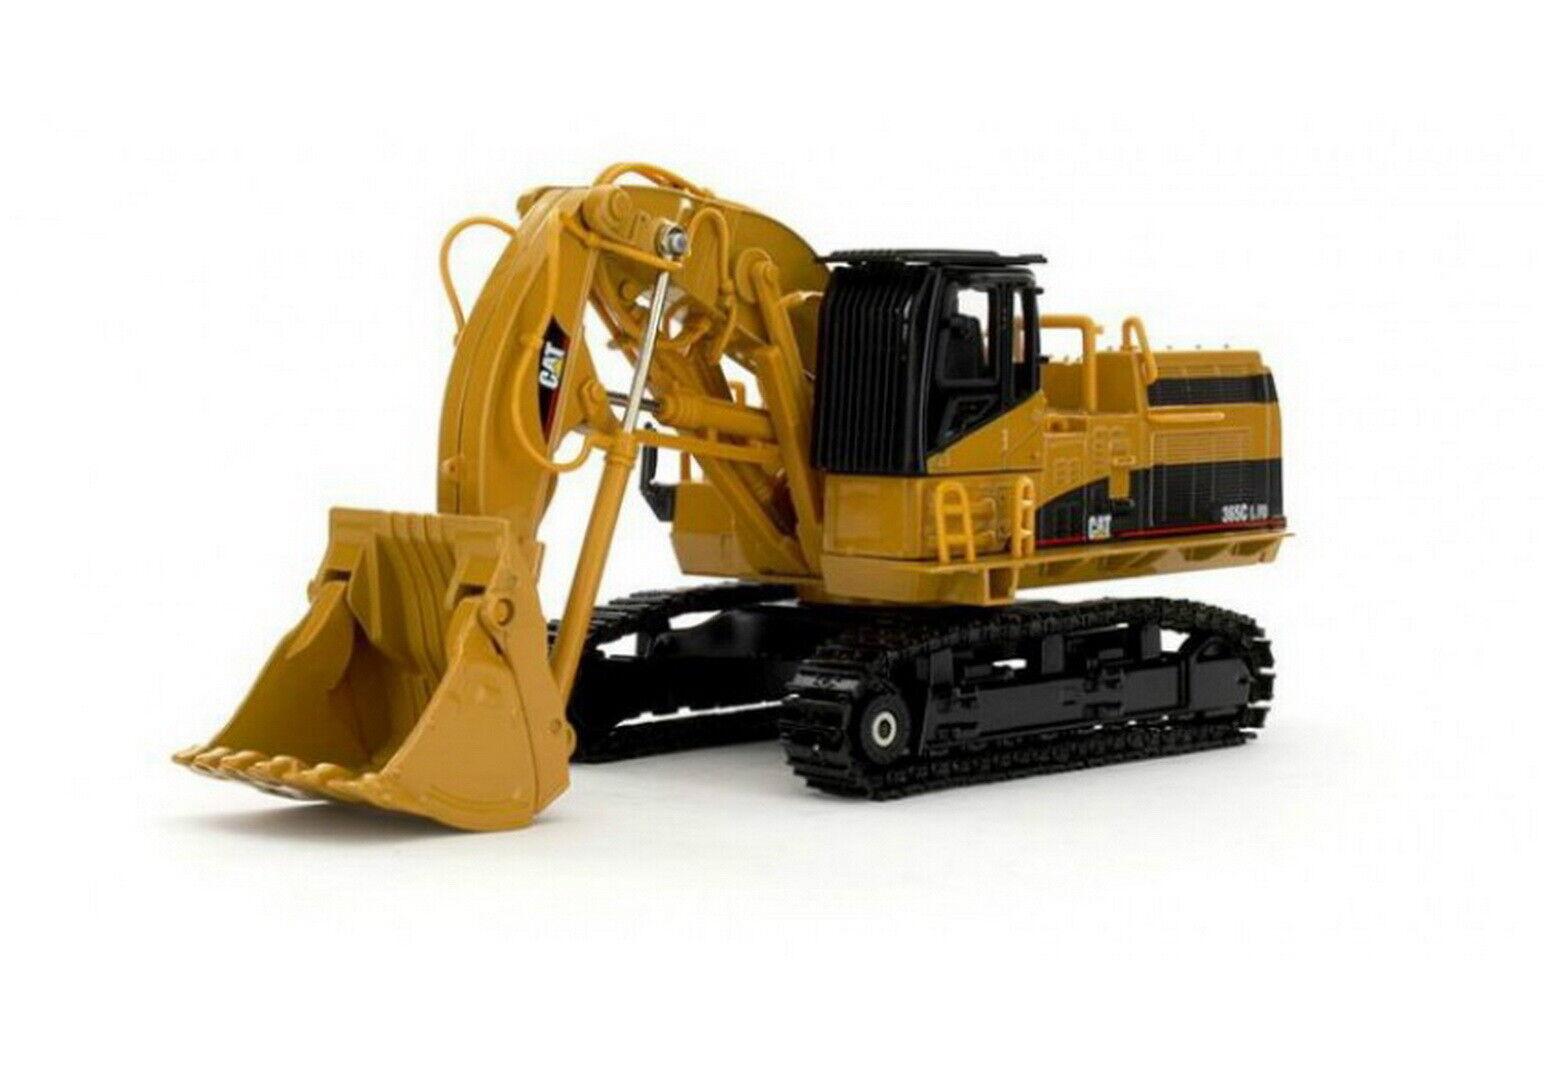 1 50 Norscot Caterpillar Cat 365C L Front Shovel Diecast Modell NIB 55160